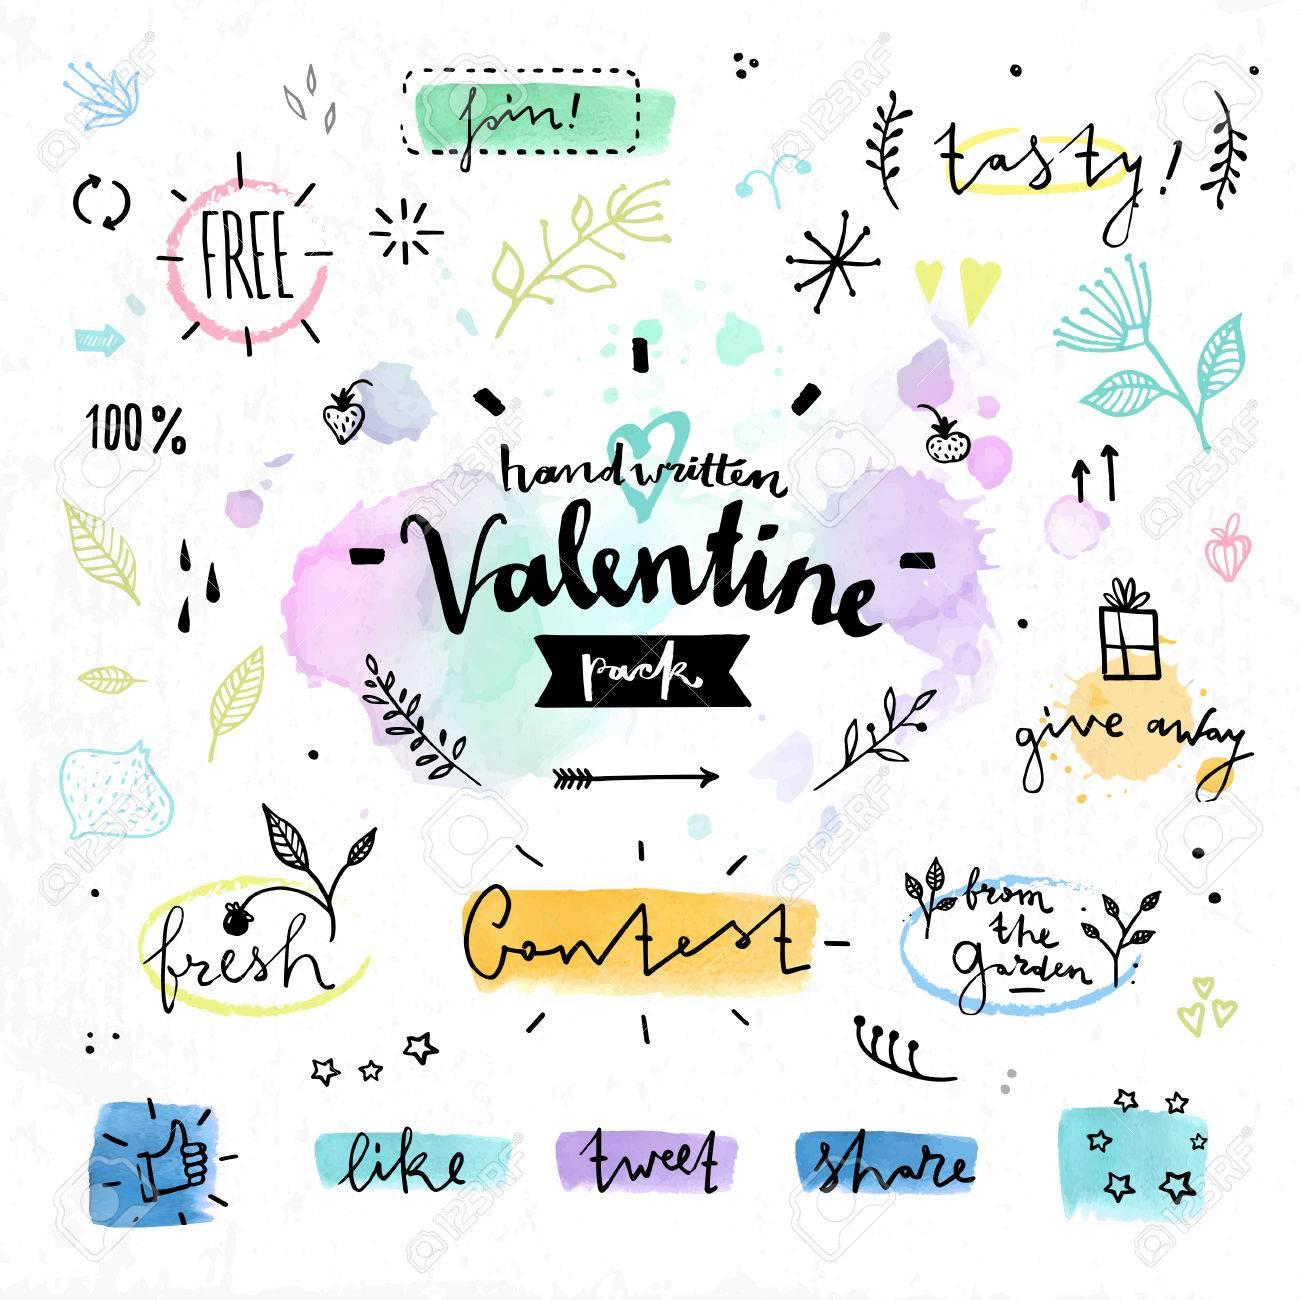 バレンタインの日の花愛レタリングの葉 ハーブと自然の製品のオーガニック カフェの描かれた装飾の要素を手します 手書きのベクトル図面デザイン カラフルな水彩背景に設定 のイラスト素材 ベクタ Image